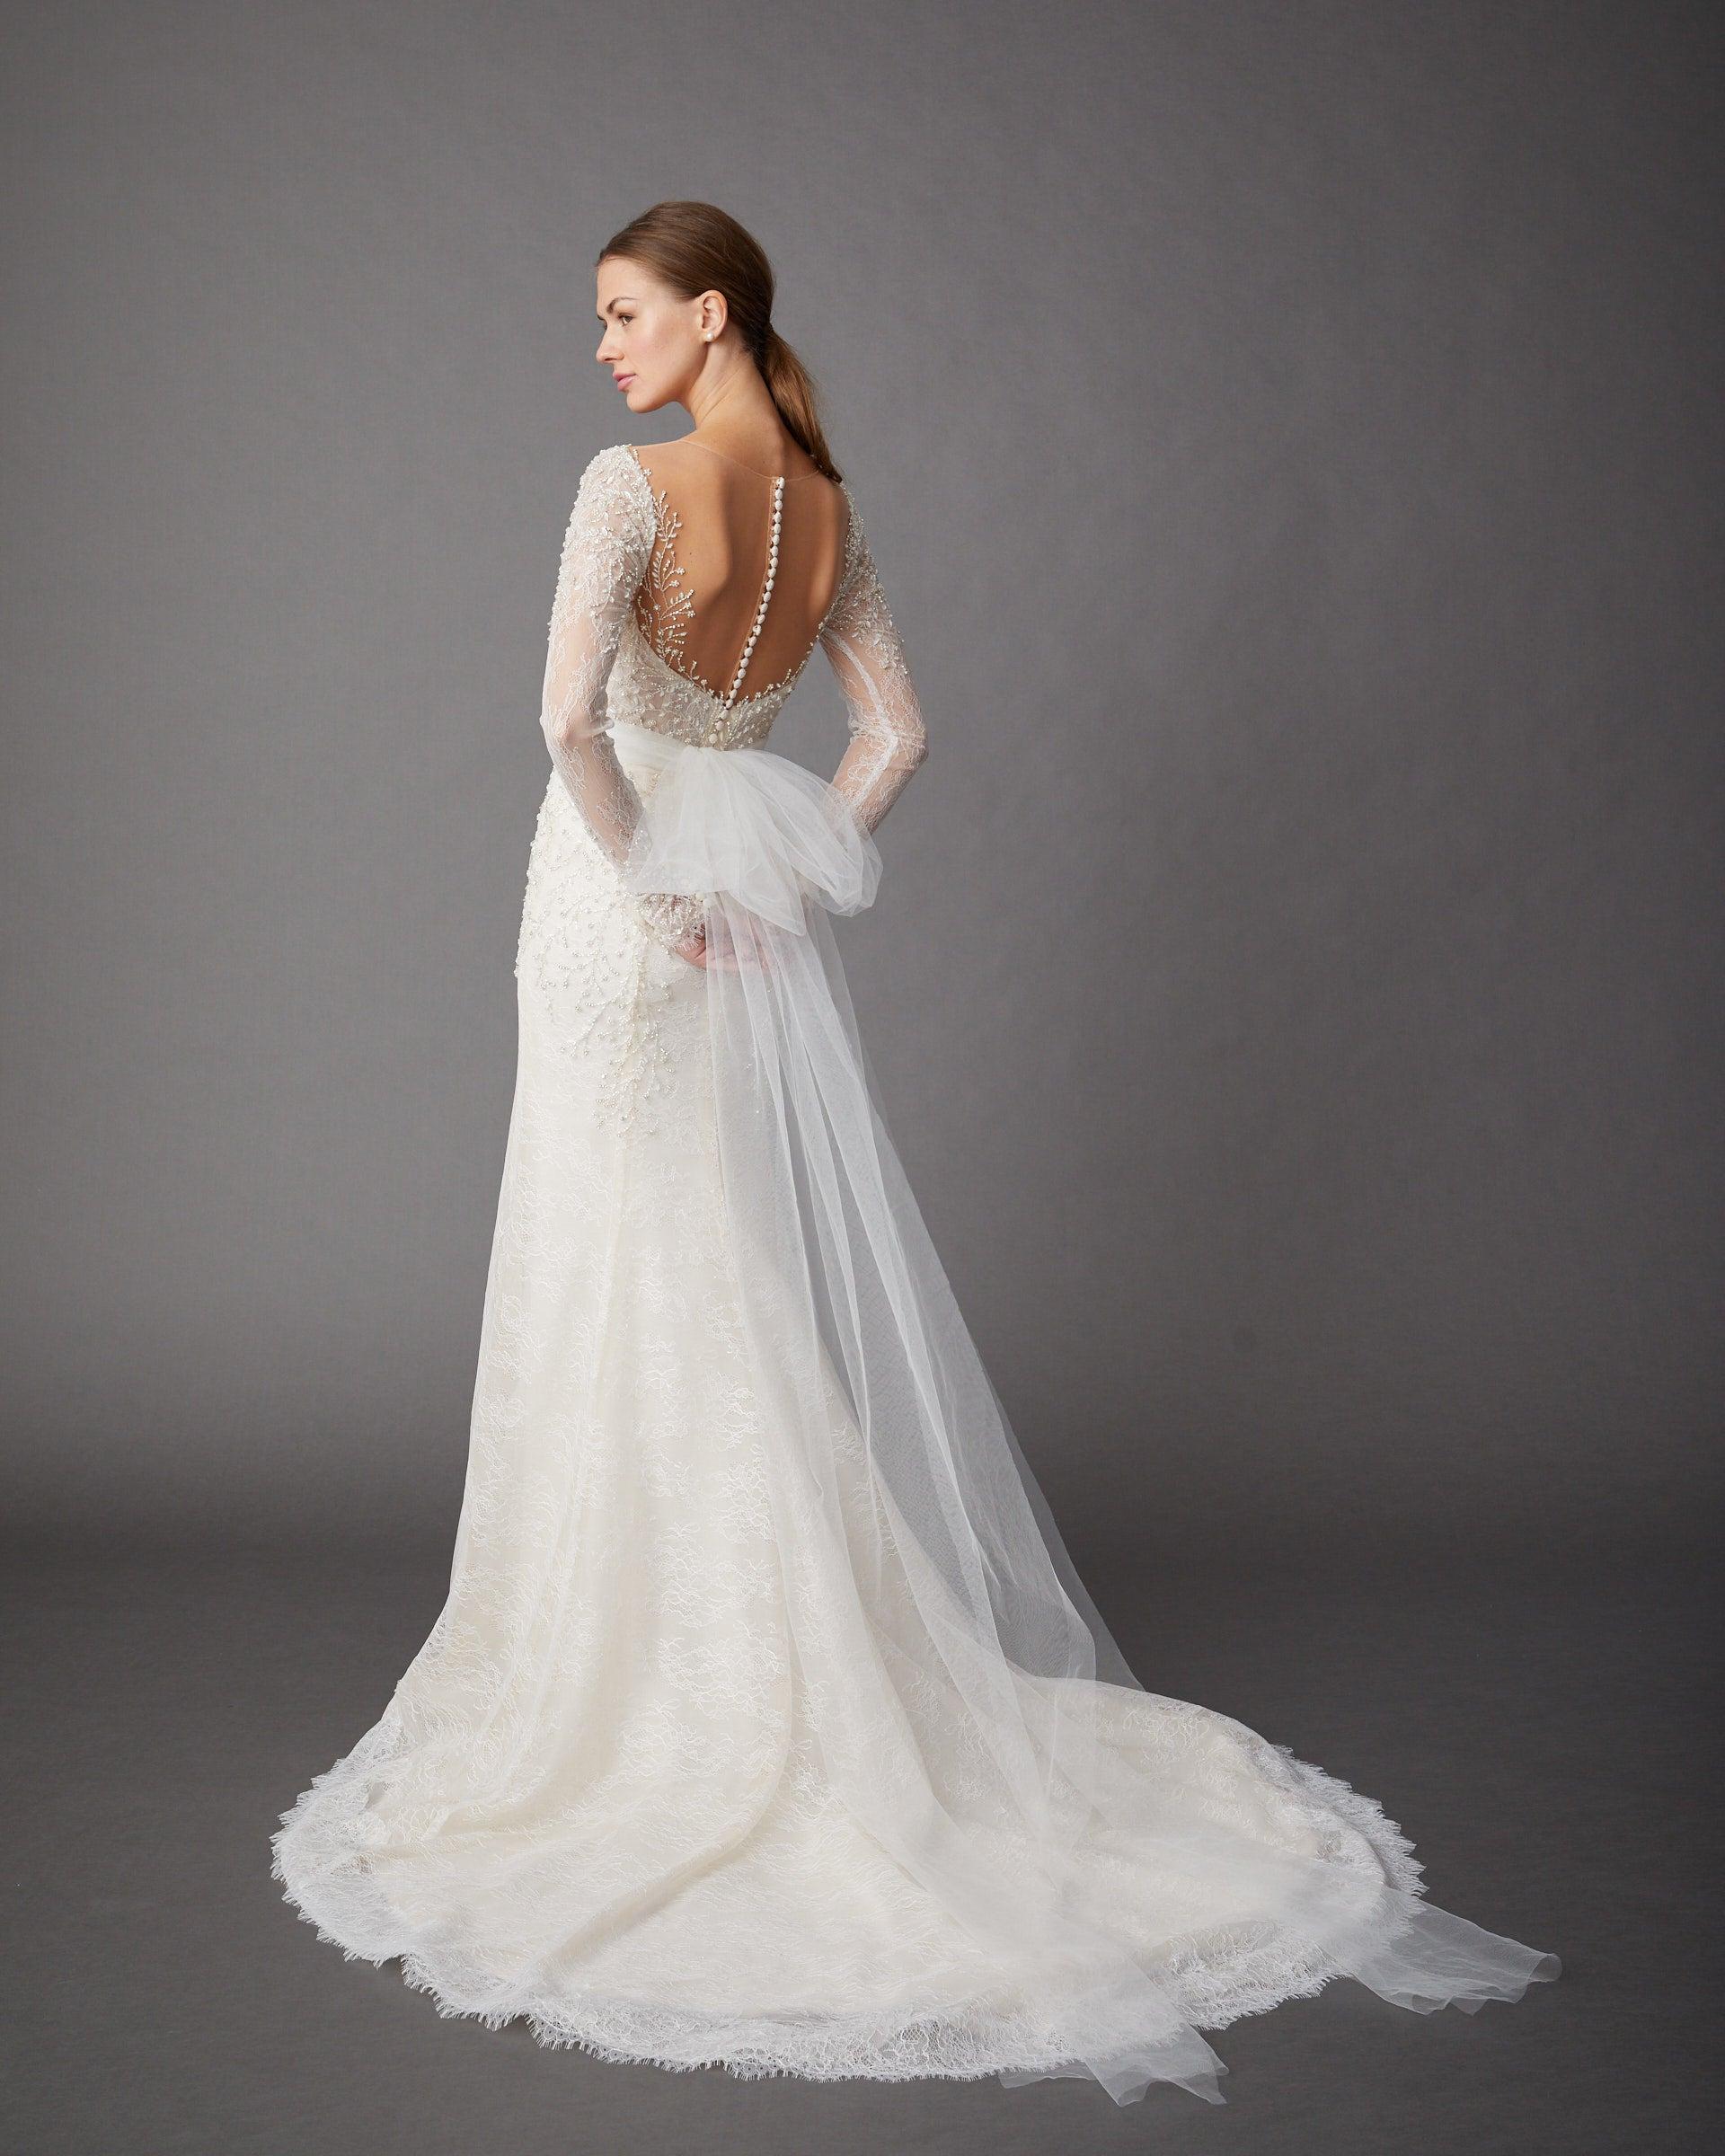 Die größten Braut-Trends 2022: Korsetts & Cut-outs